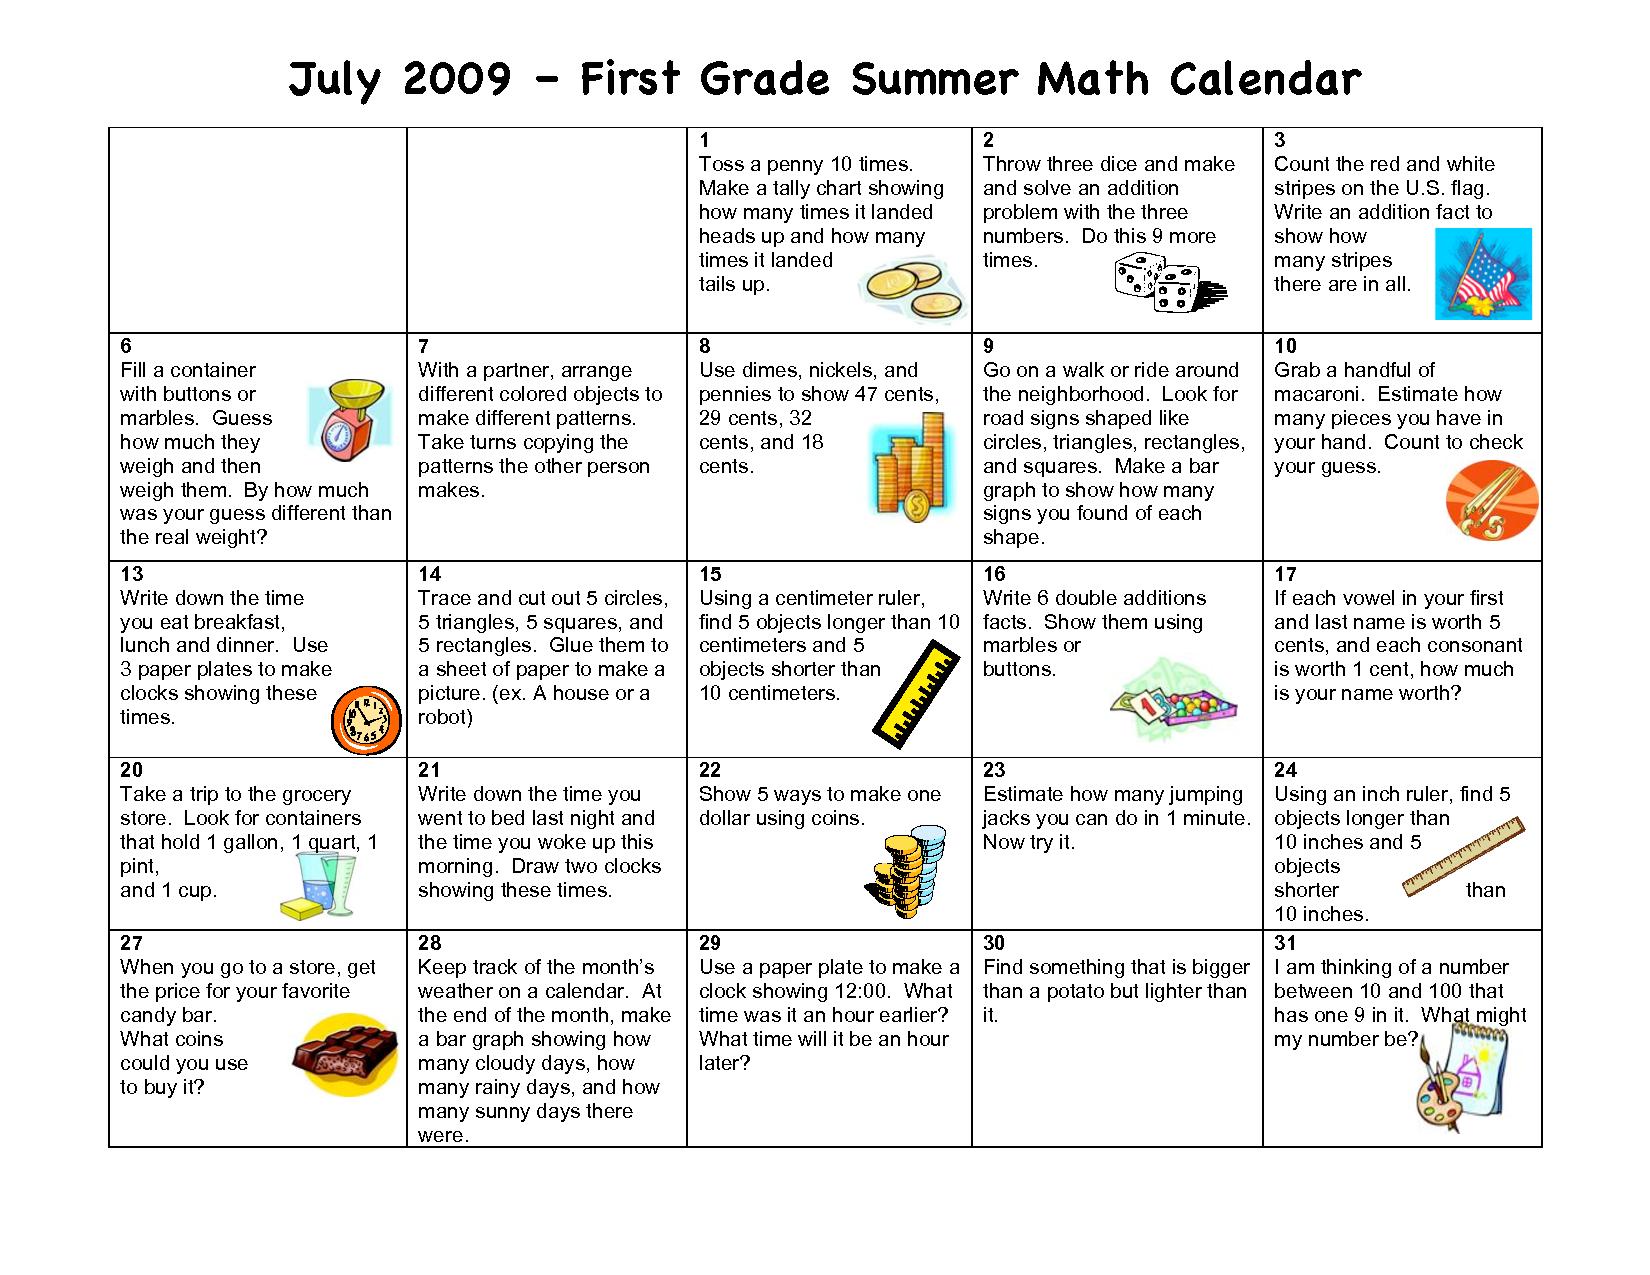 Calendar Ideas School : Summer activity calendar math first grade july classroom